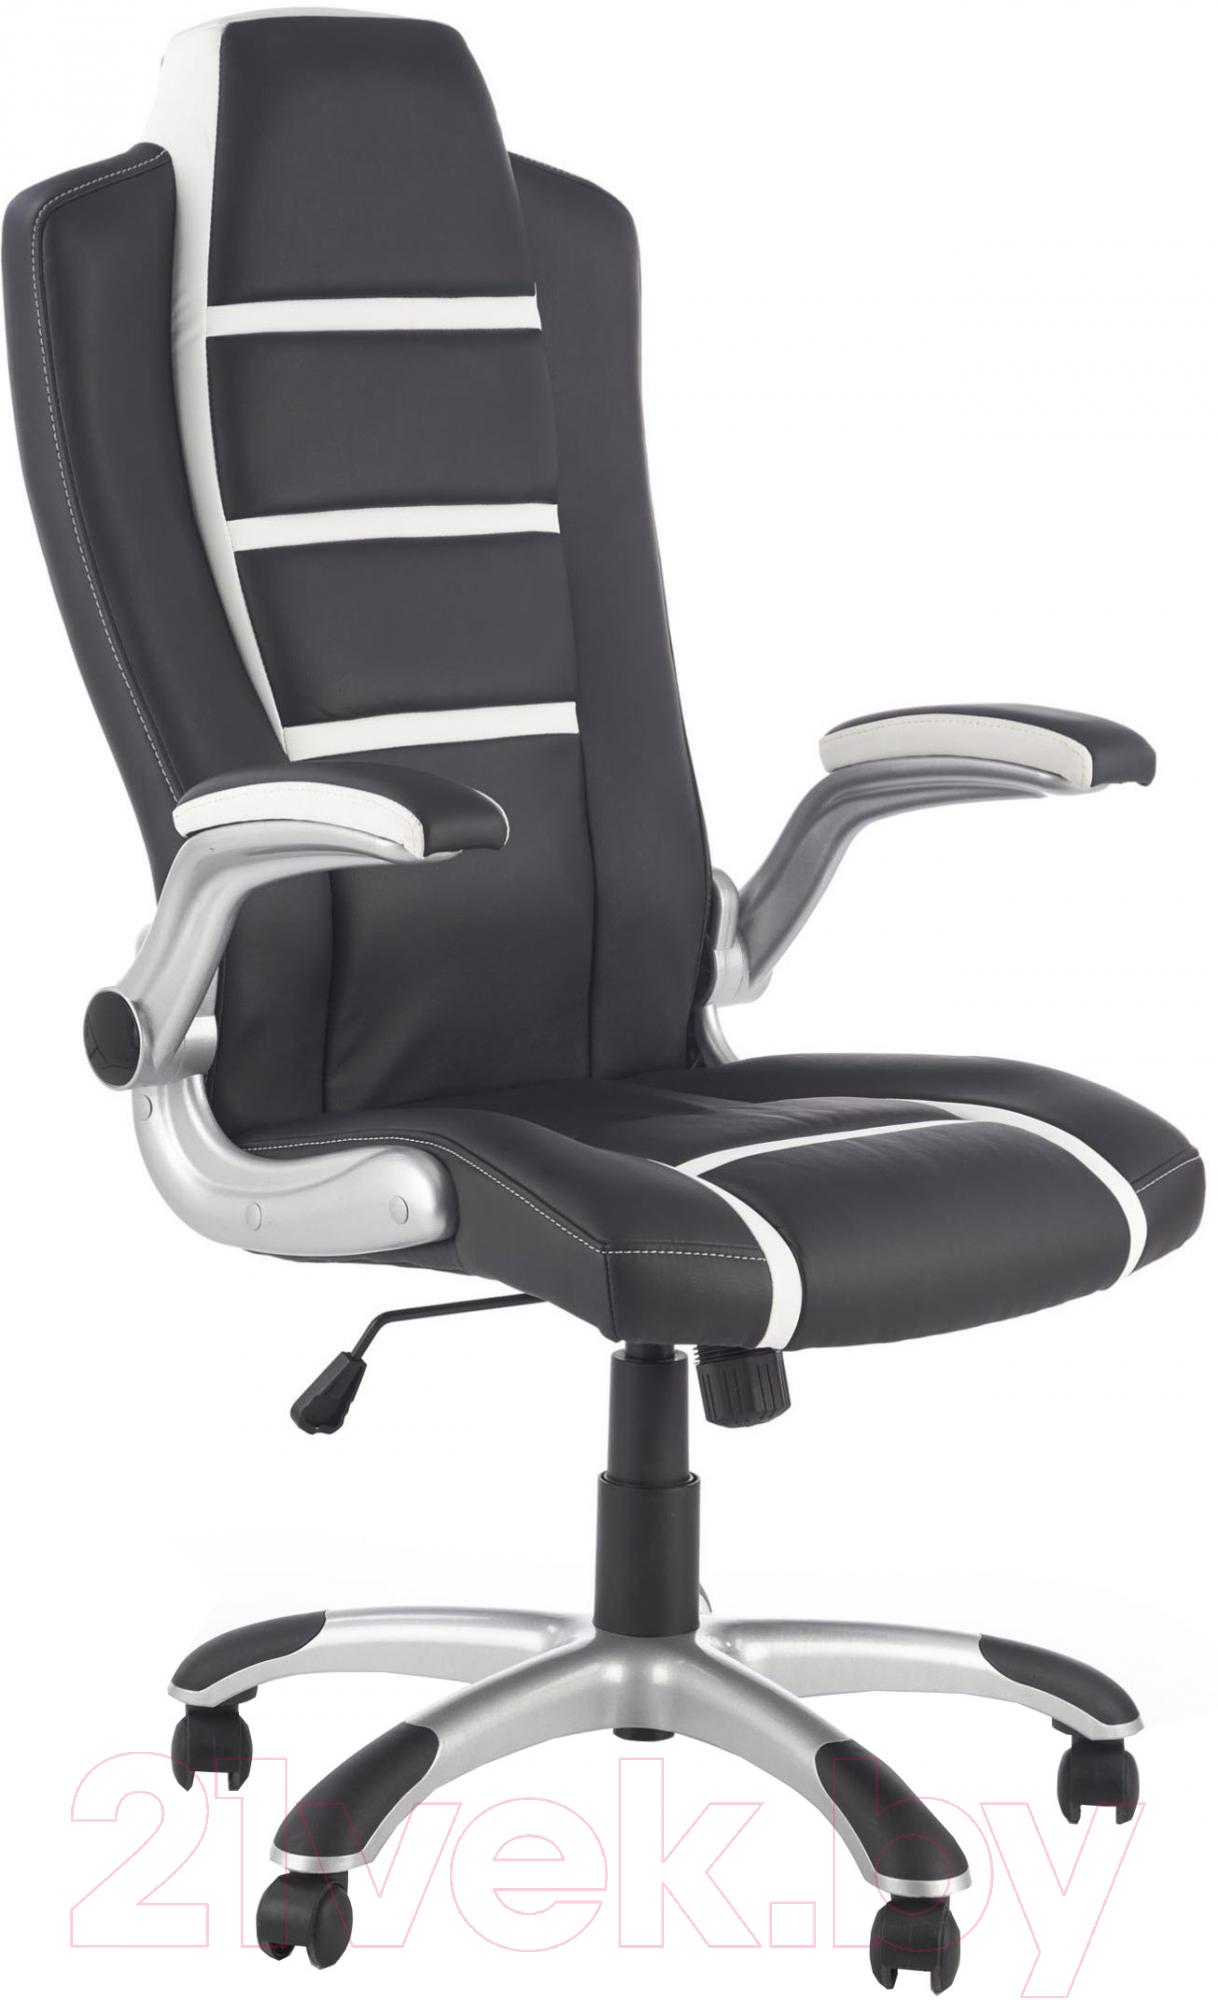 Купить Кресло офисное Halmar, Fast (черный/белый), Китай, Fast (Halmar)